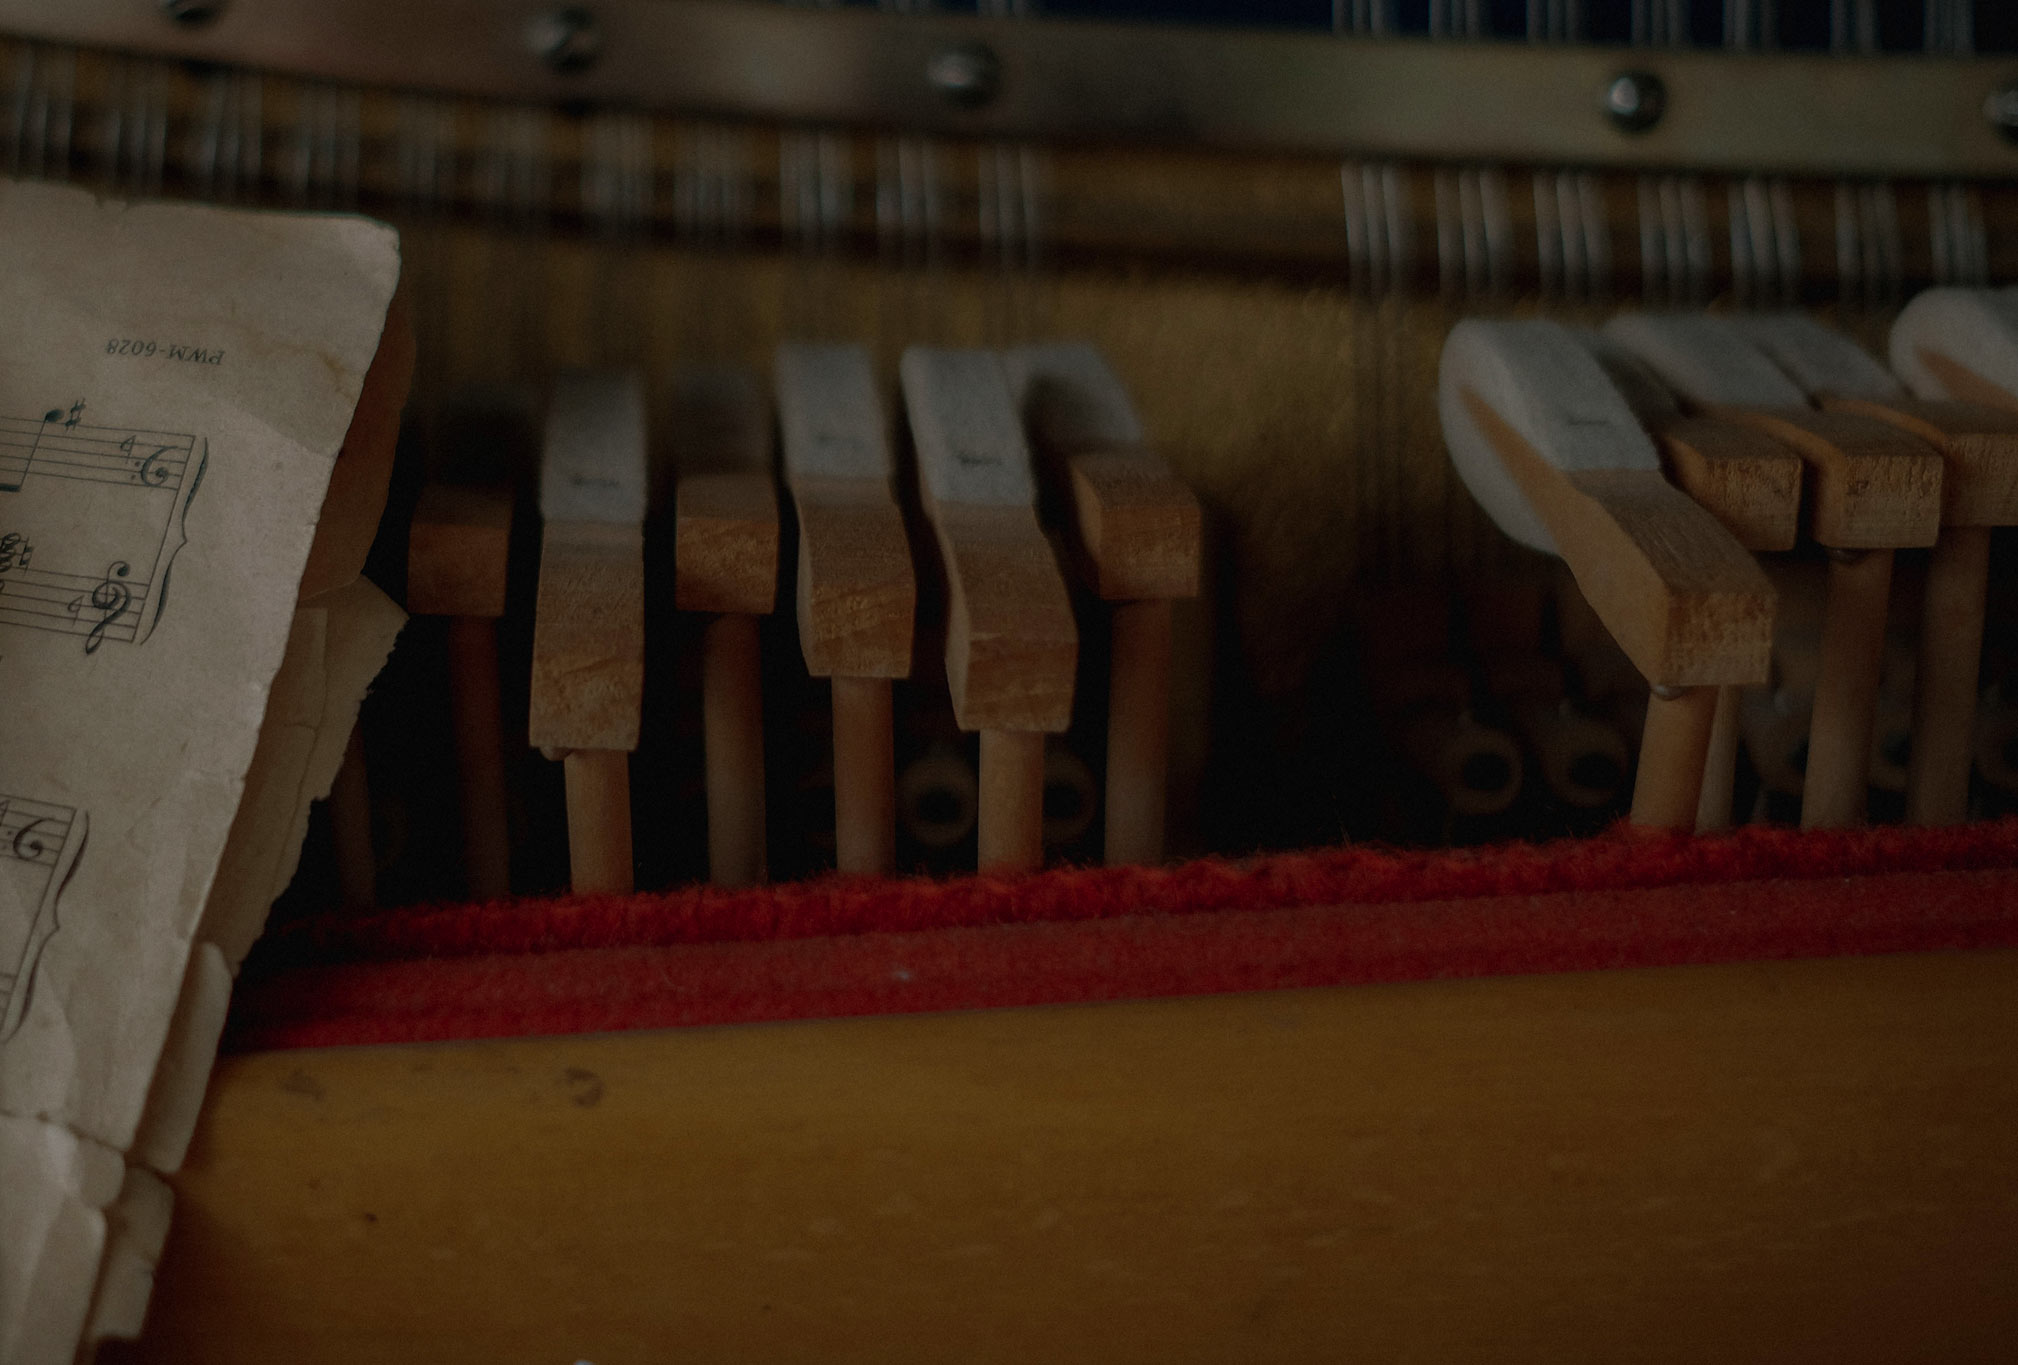 piano dampeners